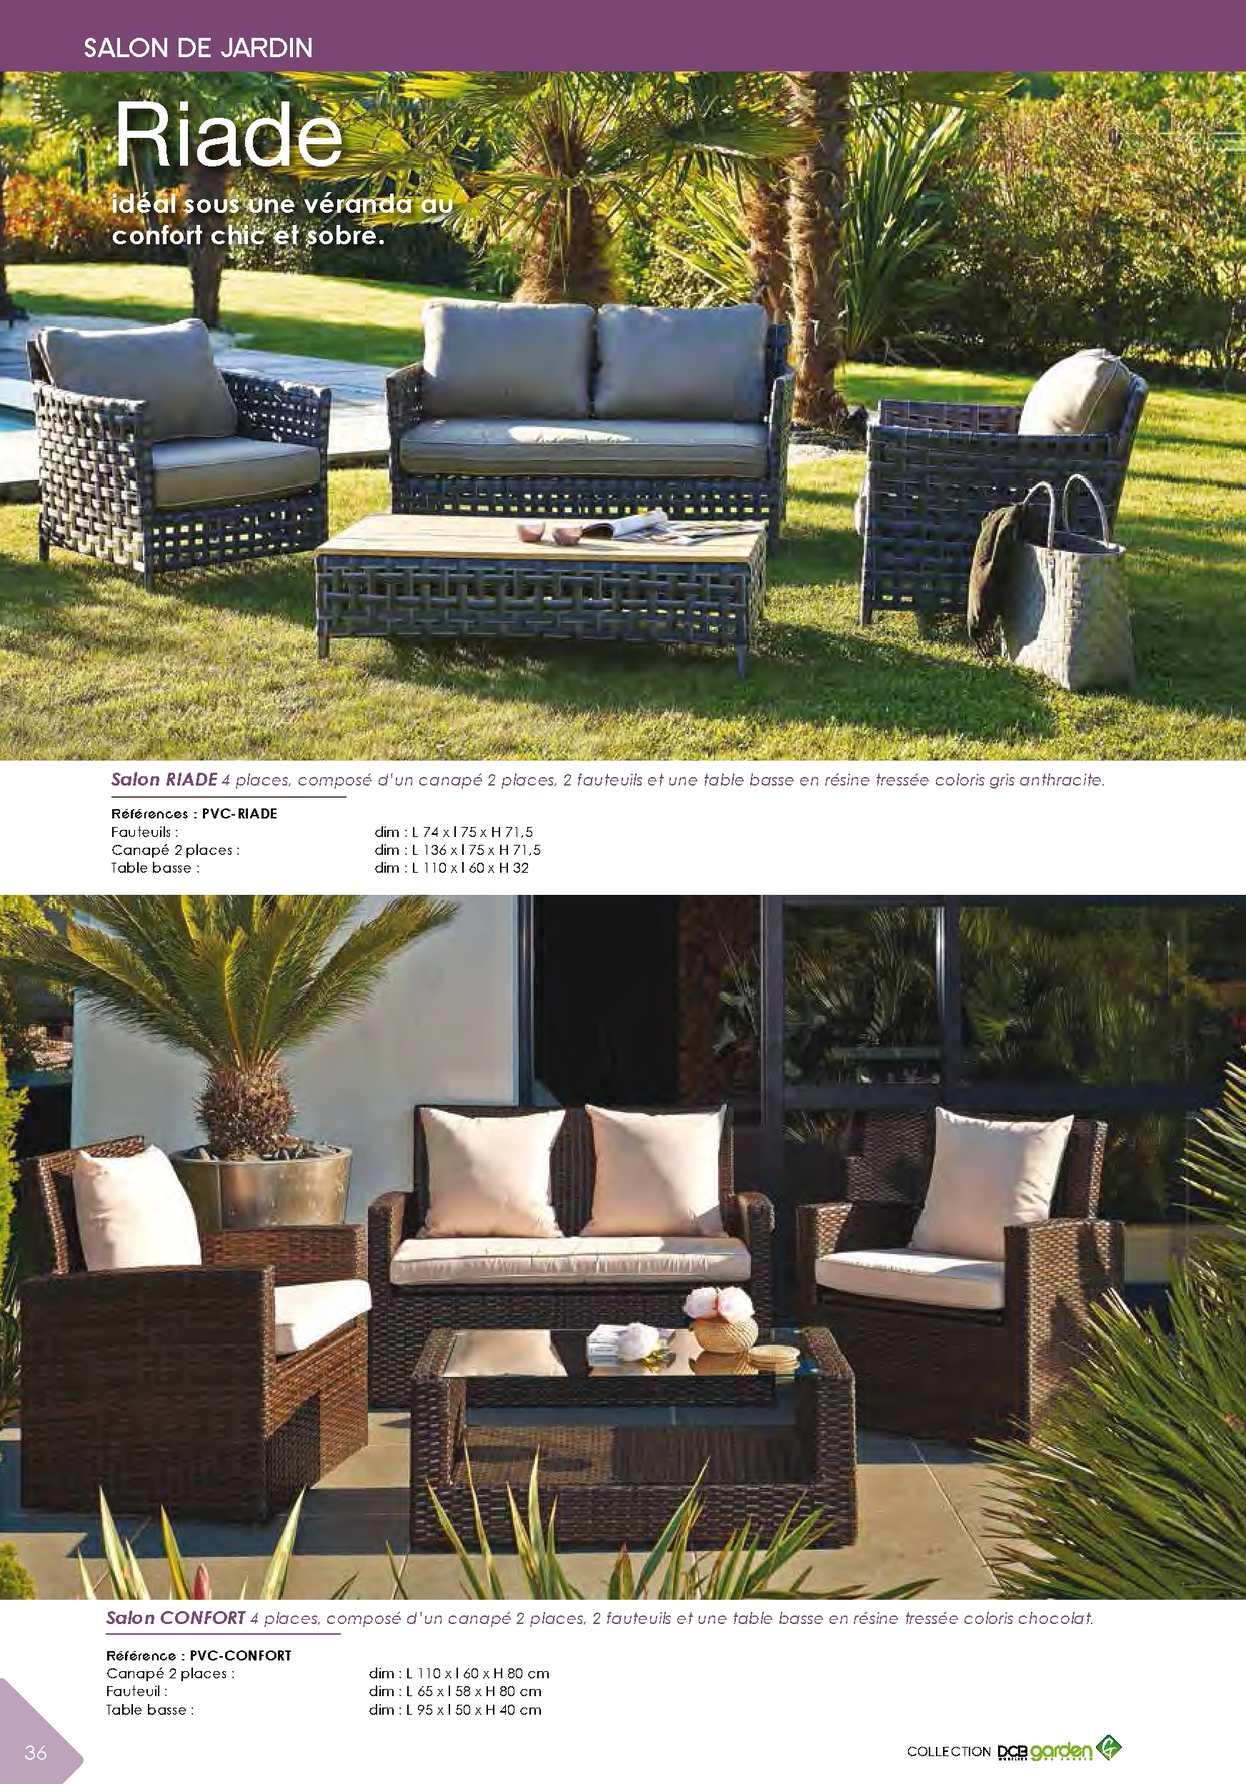 Catalogue DCB Garden - CALAMEO Downloader